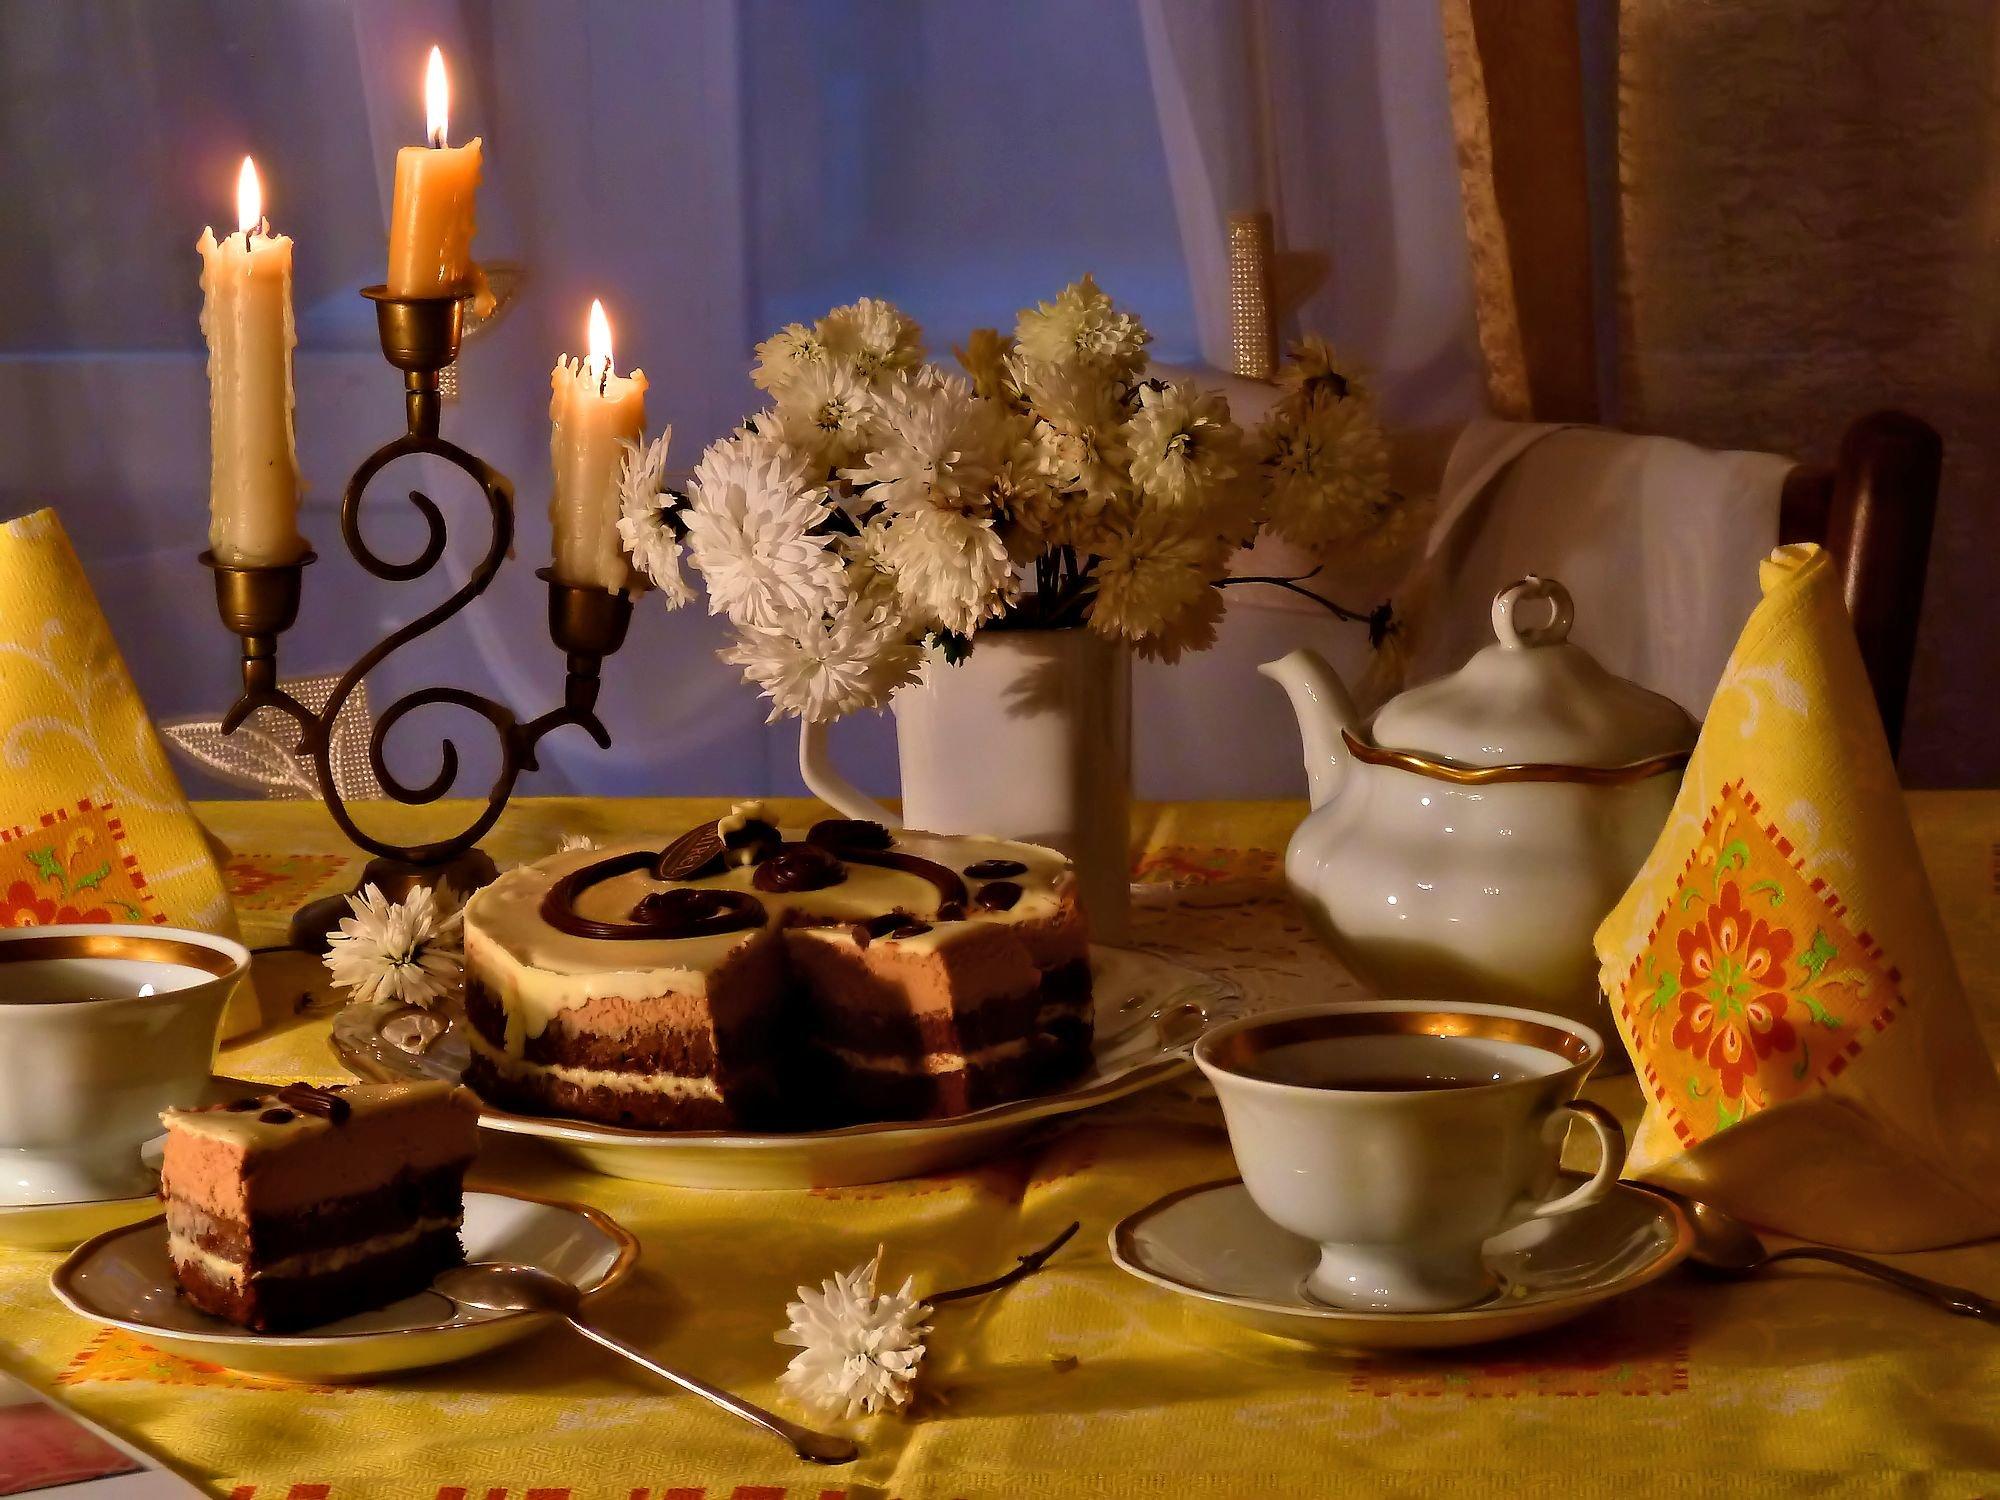 черный чай с ароматом осенним...Смотрите в большом размере - https://avatars.mds.yandex.net/get-pdb/750514/4178aac5-cbb4-4f66-a377-6701ad712c33/s1200...одинокая ночь за окном...шелест листьев слетает с деревьев...мы остались с тобою вдвоемпри свечах, в старом доме, как прежде...круглый стол и красивый сервиз,и чудесный букет хризантемы...может быть, это просто каприз –черный чай с ароматом осенним...пусть летит, улетает листваза окном, где ночная прохлада...будем пить вкусный чай до утра,быть с тобою вдвоем очень рада...Светлана Магницкая.https://yandex.ru/collections/user/lyudamihailova/konkurs/#lyudamihailova #чаепитие #конкурс #торт #вкусно #свечи #вечер #букетик